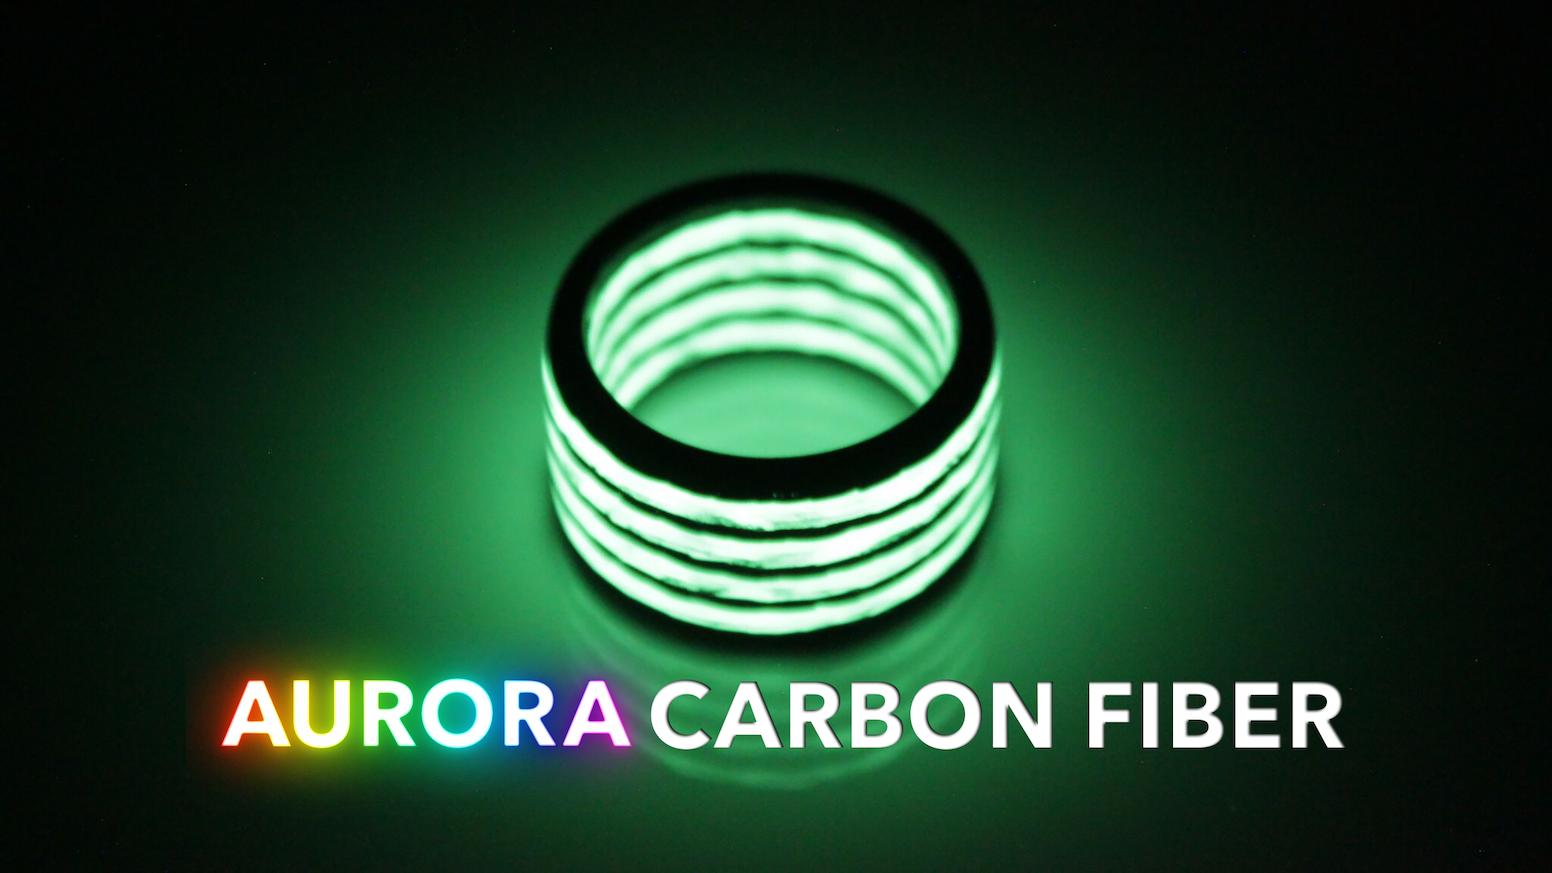 The Brightest Aurora Carbon Fiber Design Yet. Lume Infused Carbon Fiber.